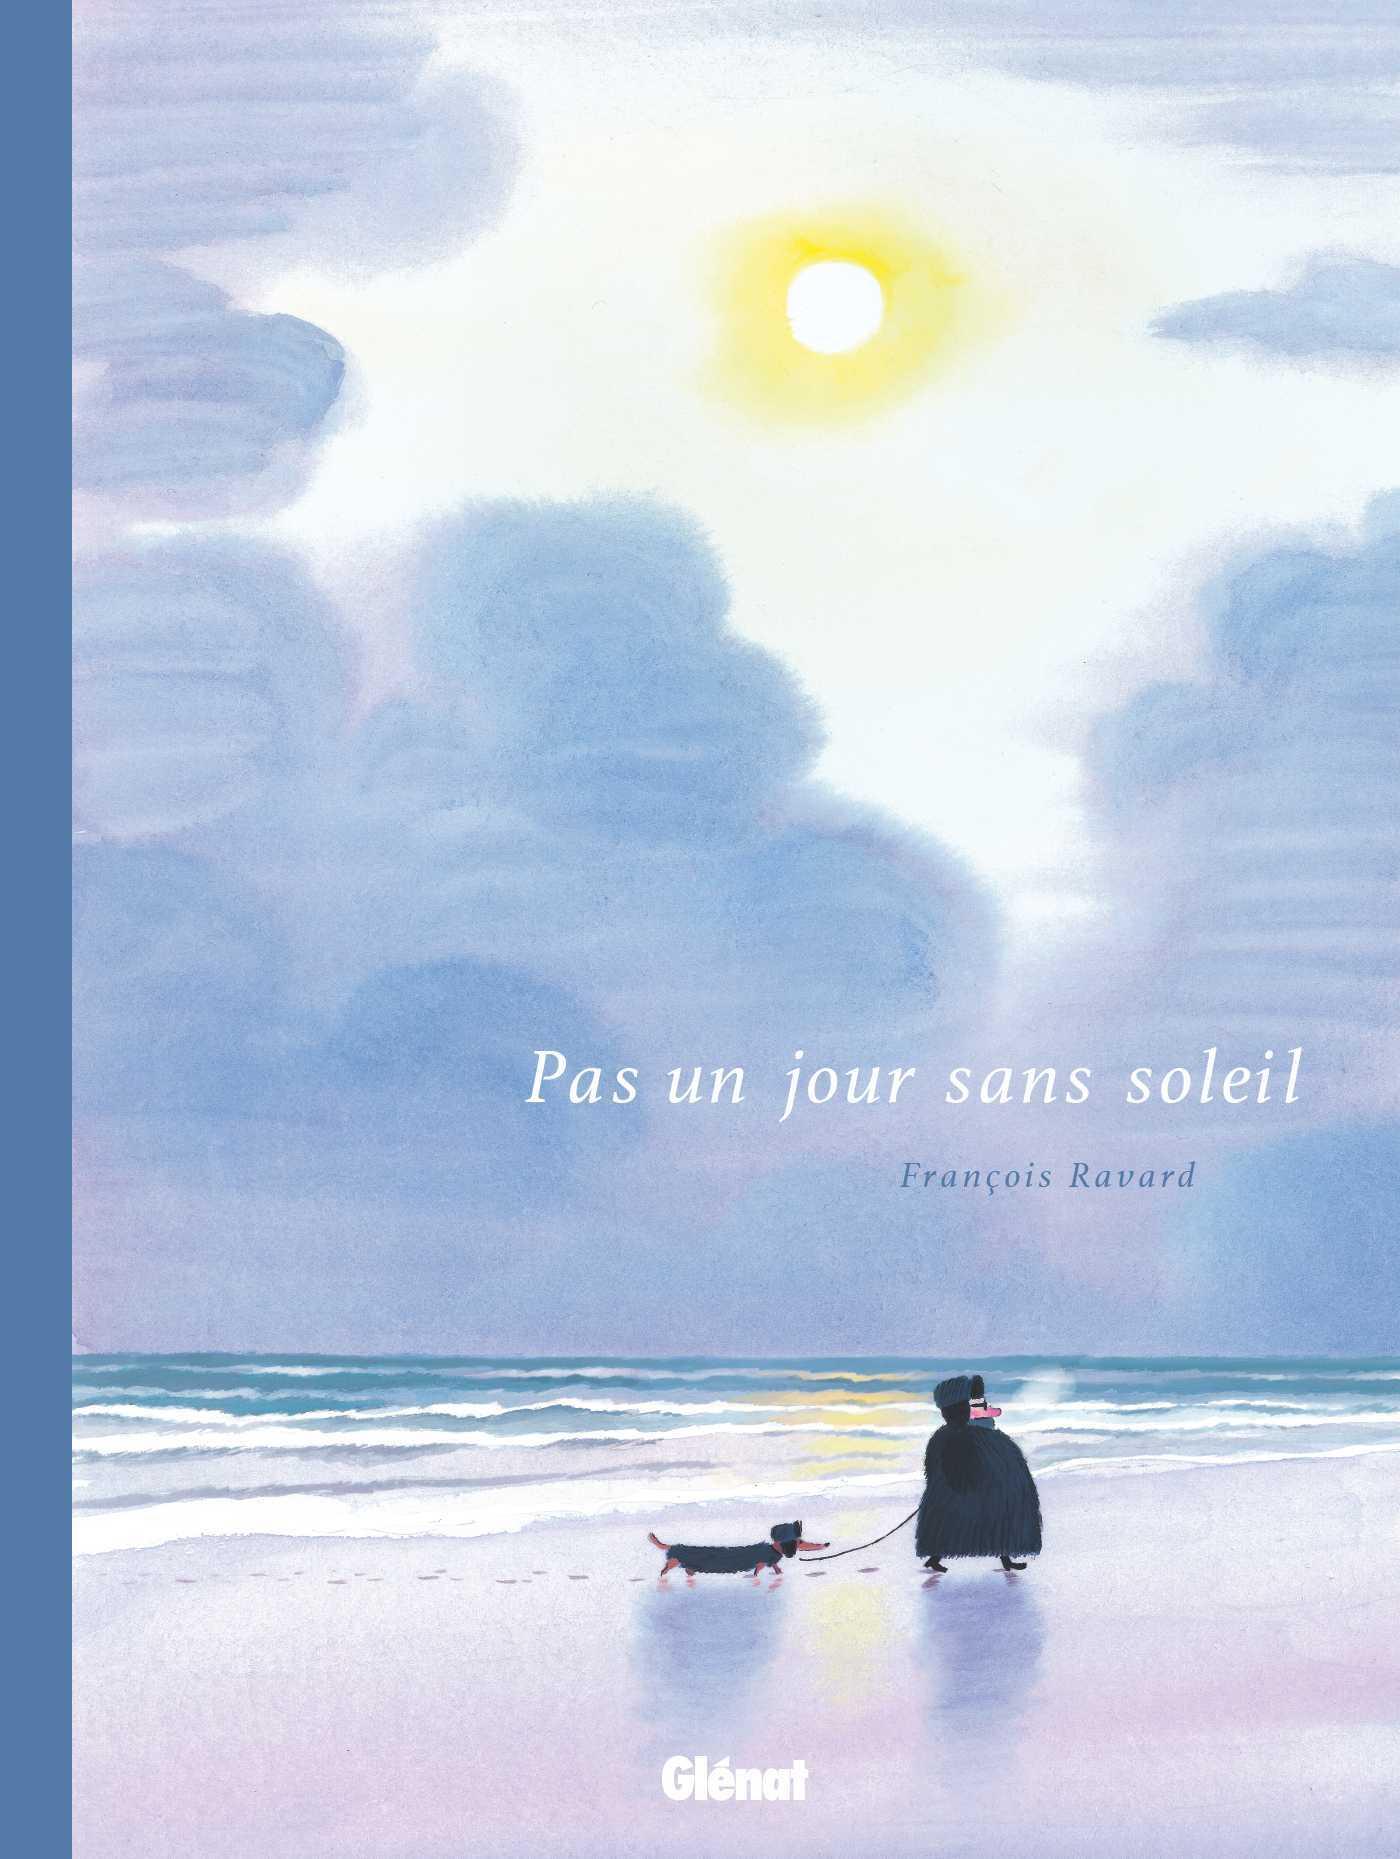 François Ravard du 28 juin au 28 juillet à la Galerie Glénat pour Pas un jour sans soleil